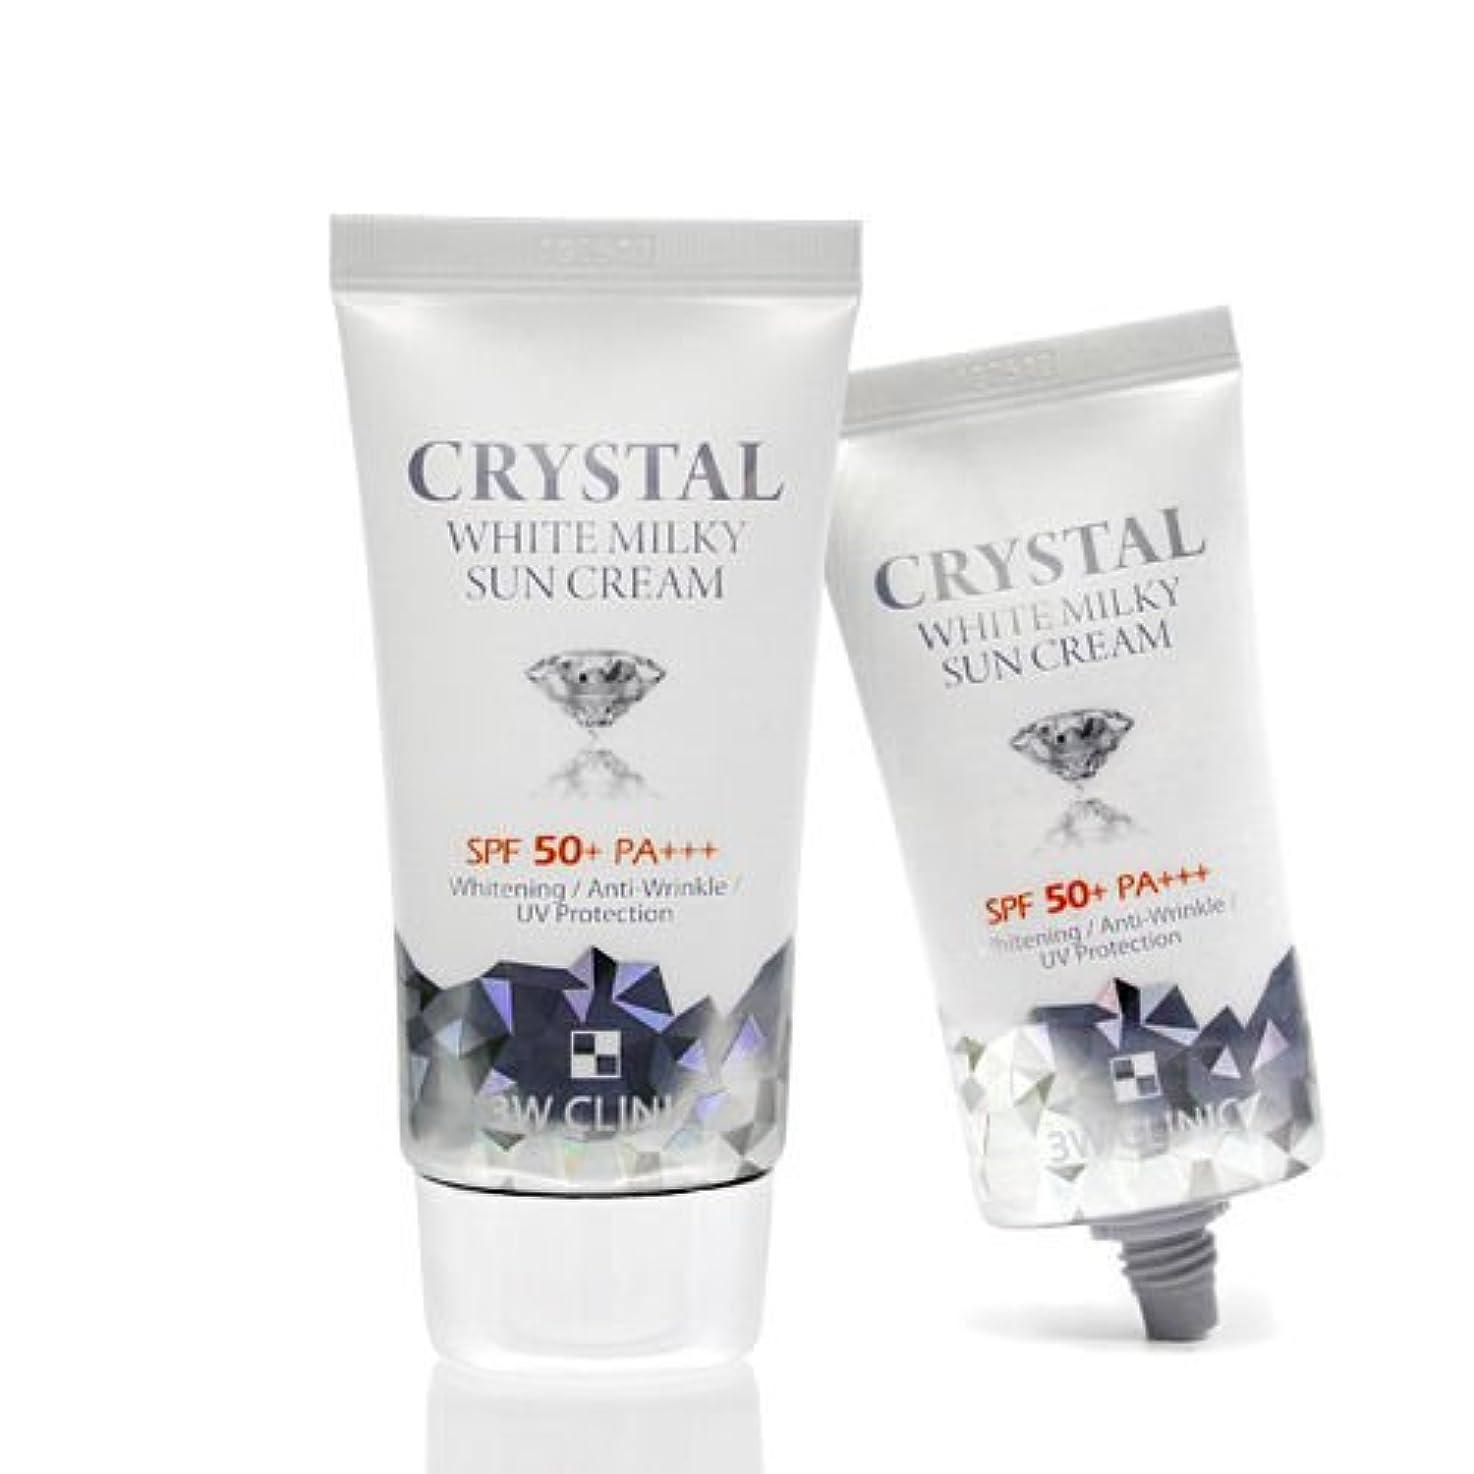 支配的距離文献3Wクリニック[韓国コスメ3w Clinic]Crystal White Milky Sun Cream クリスタルホワイトミルキー 日焼け止めクリーム50ml[並行輸入品]